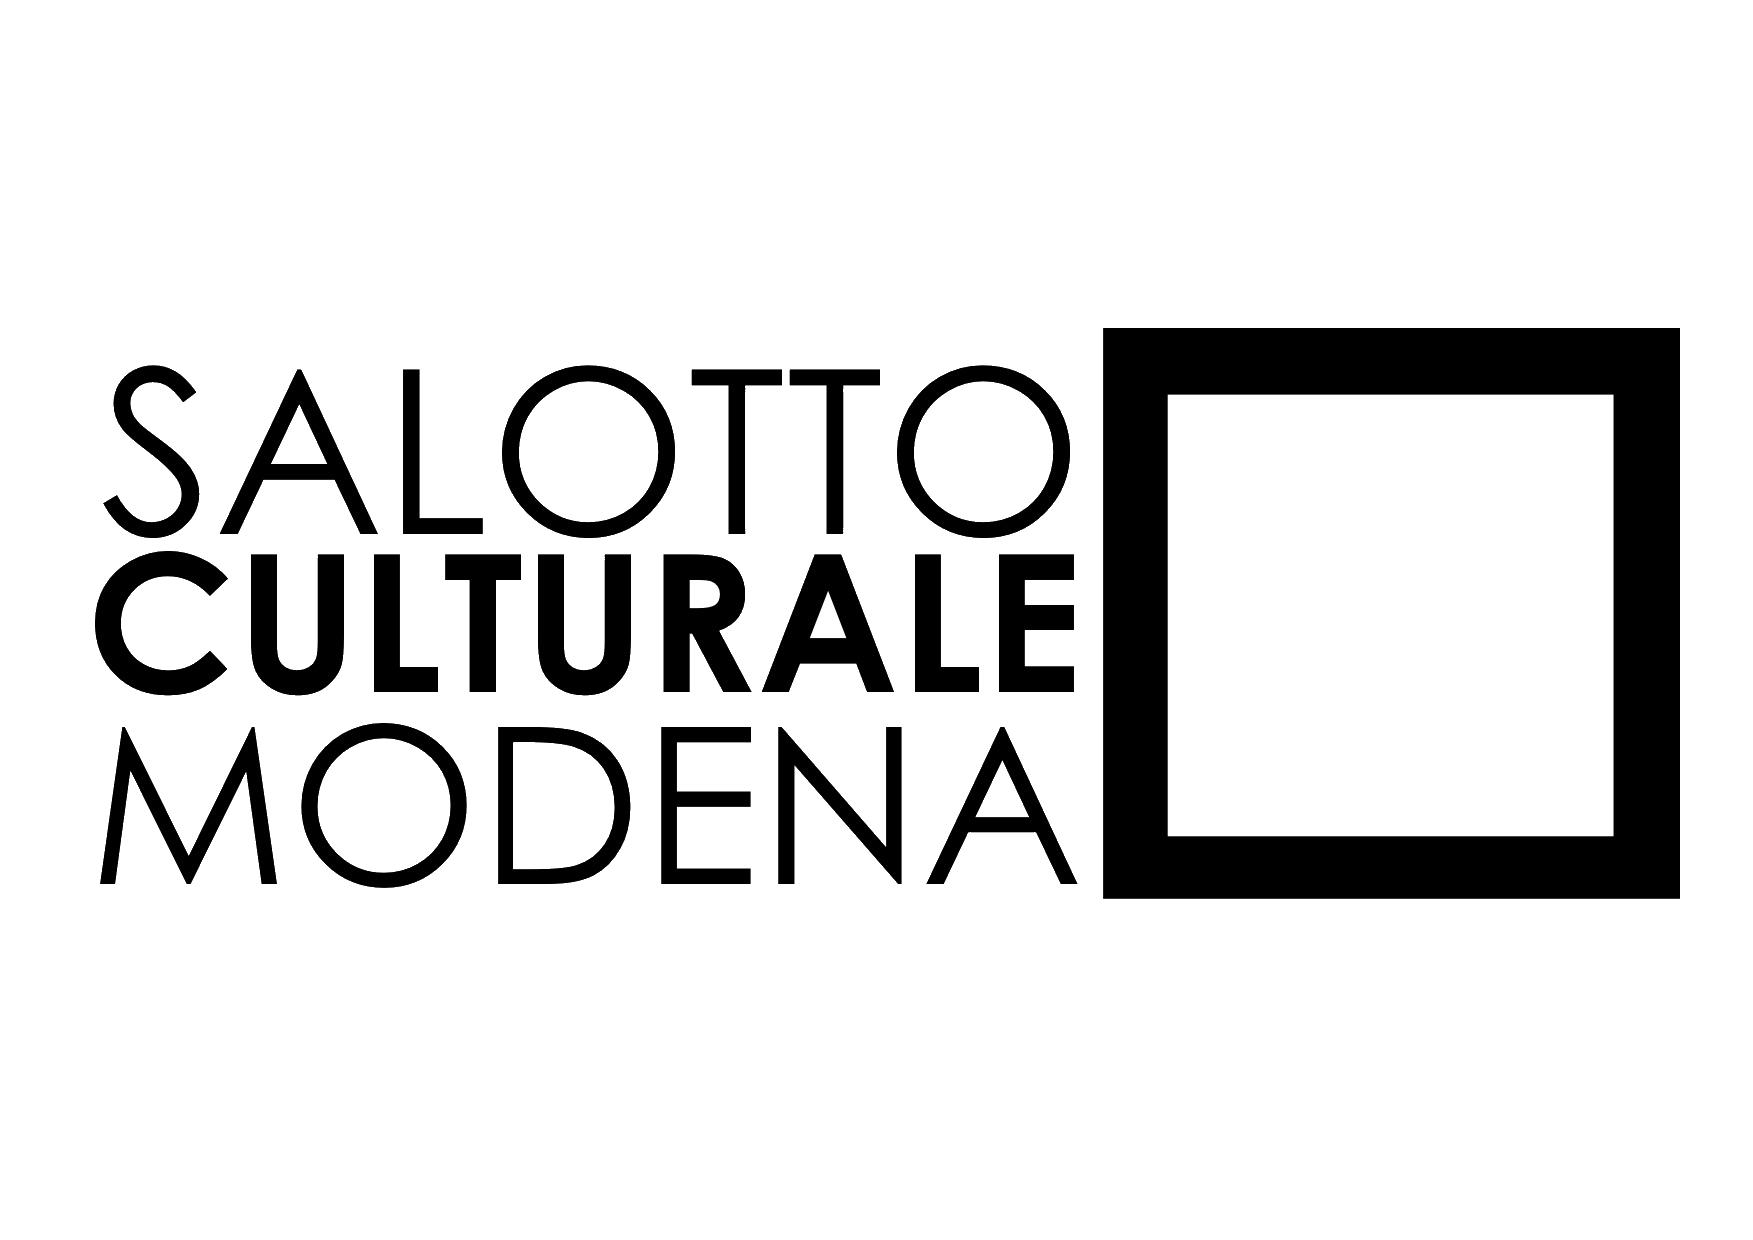 Salotto culturale modena